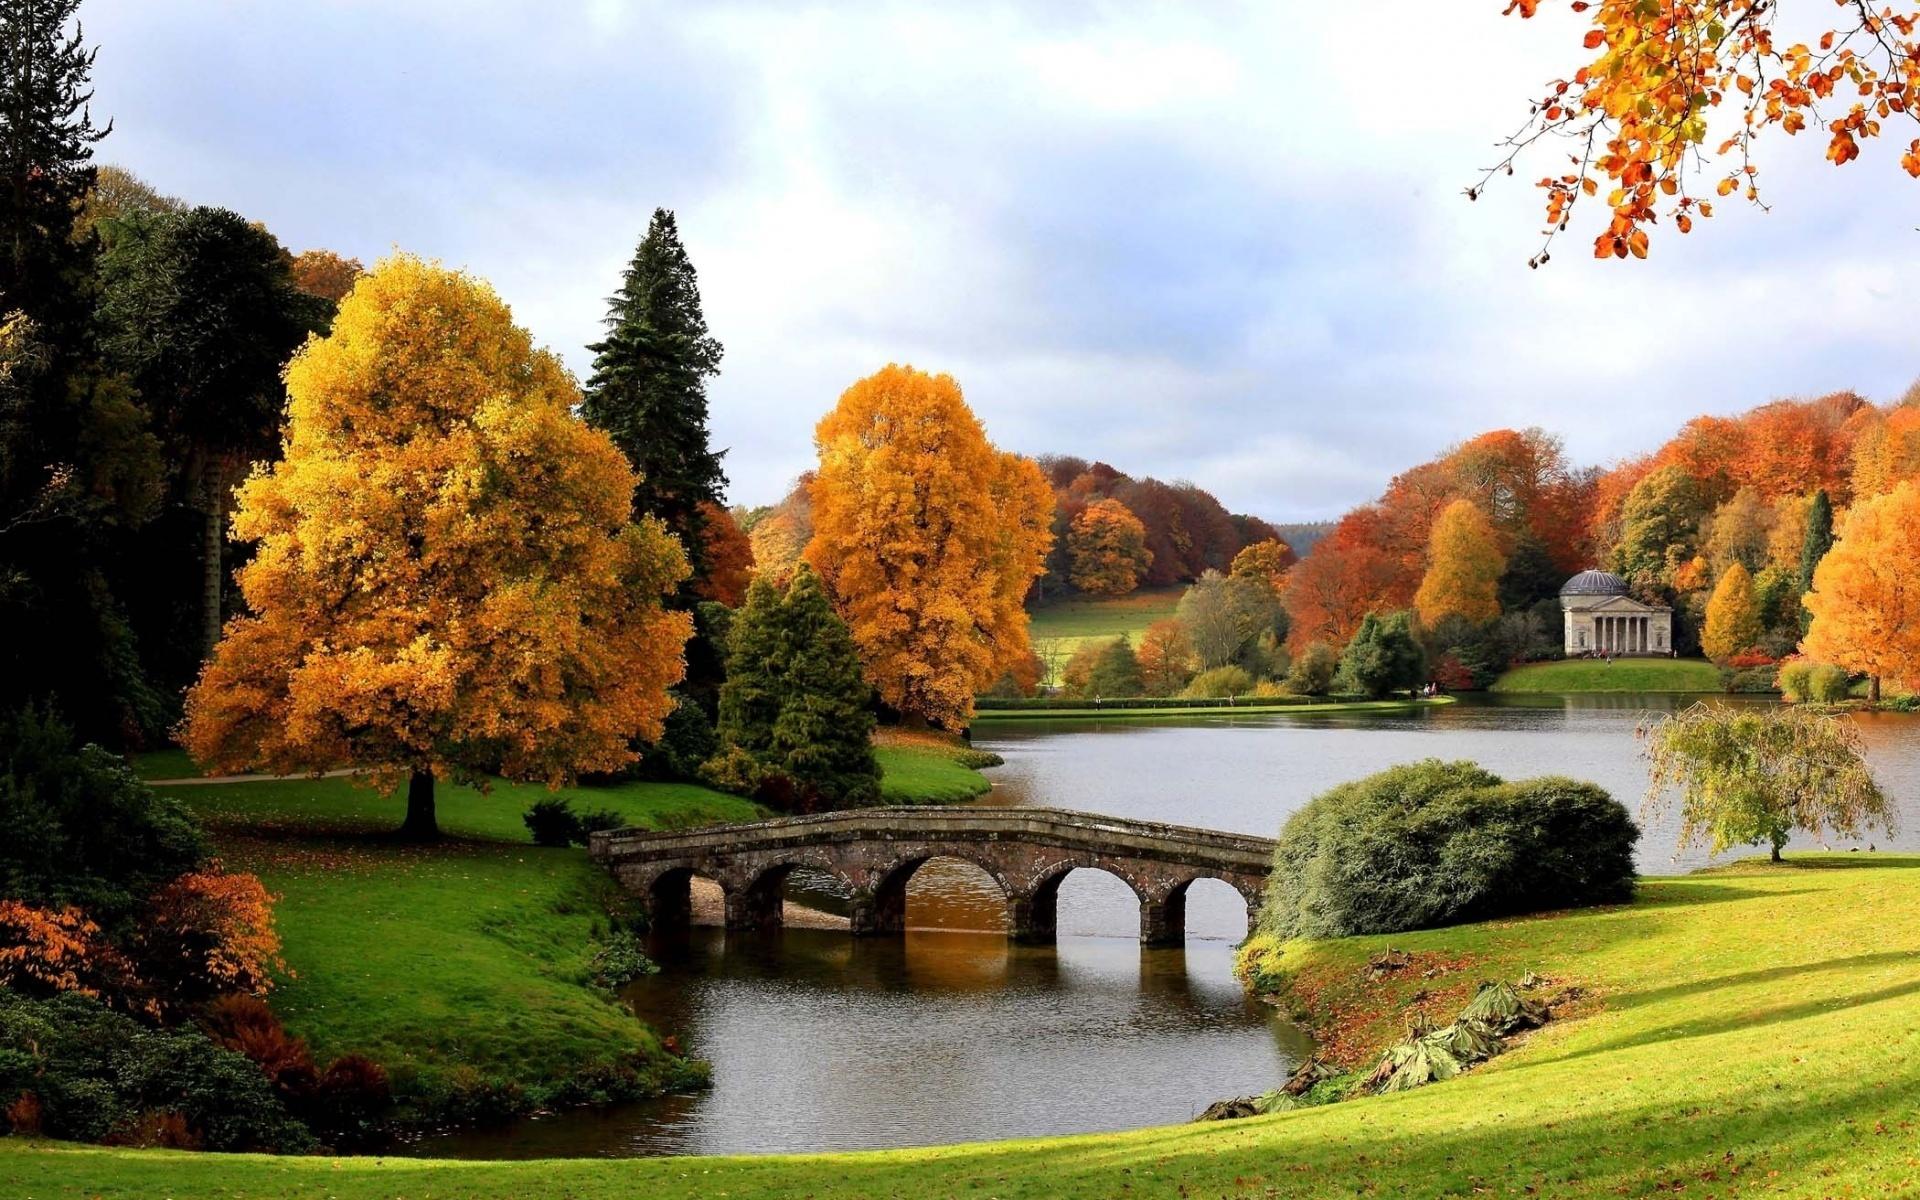 20723 скачать обои Мосты, Пейзаж, Деревья, Река, Осень - заставки и картинки бесплатно